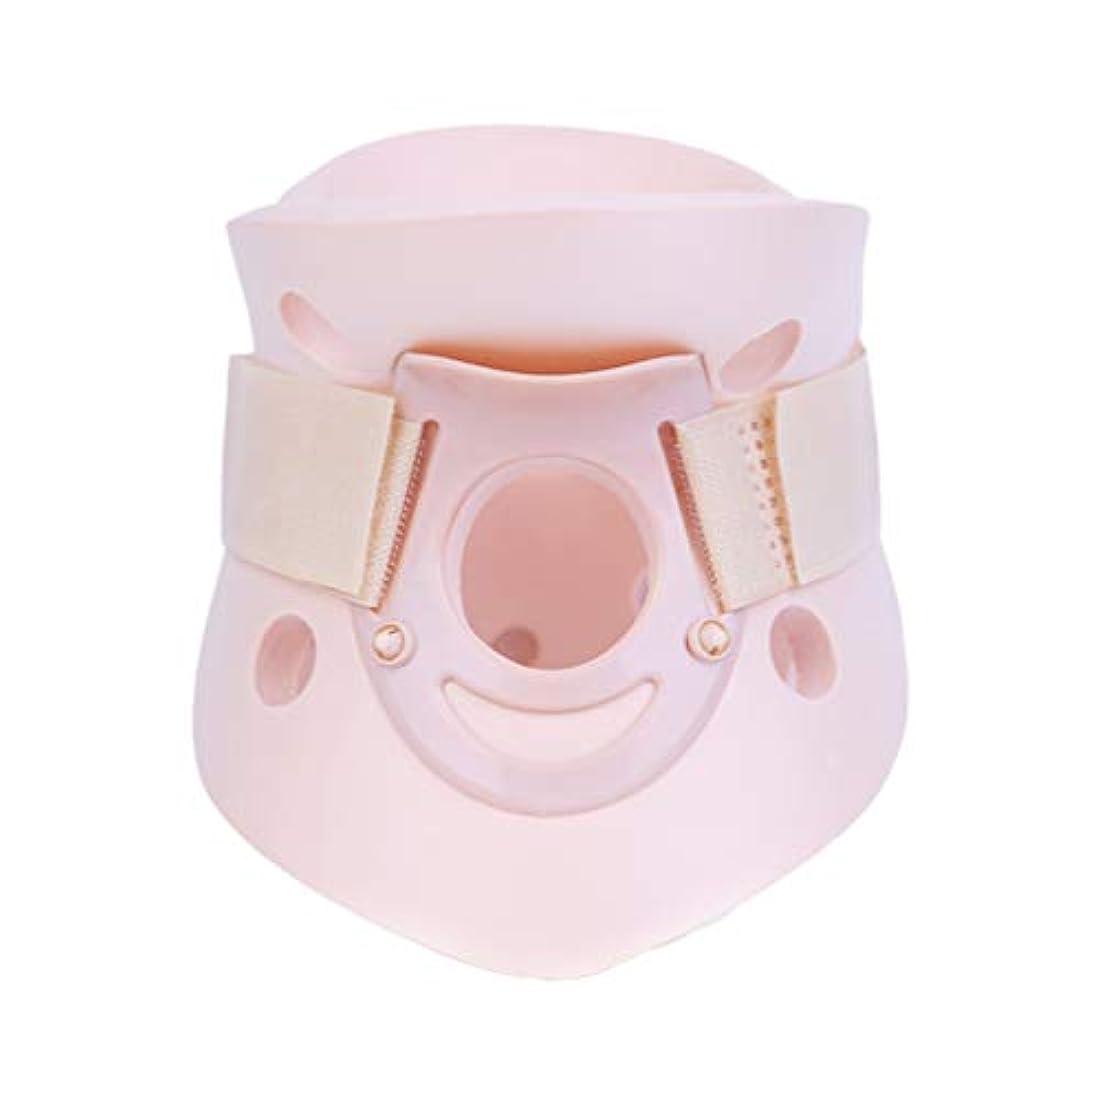 細胞取り壊す心理的HEALLILY 首装具サポート頸部襟硬い首の痛みの軽減脊椎の首の健康管理首の痛みの軽減-サイズm